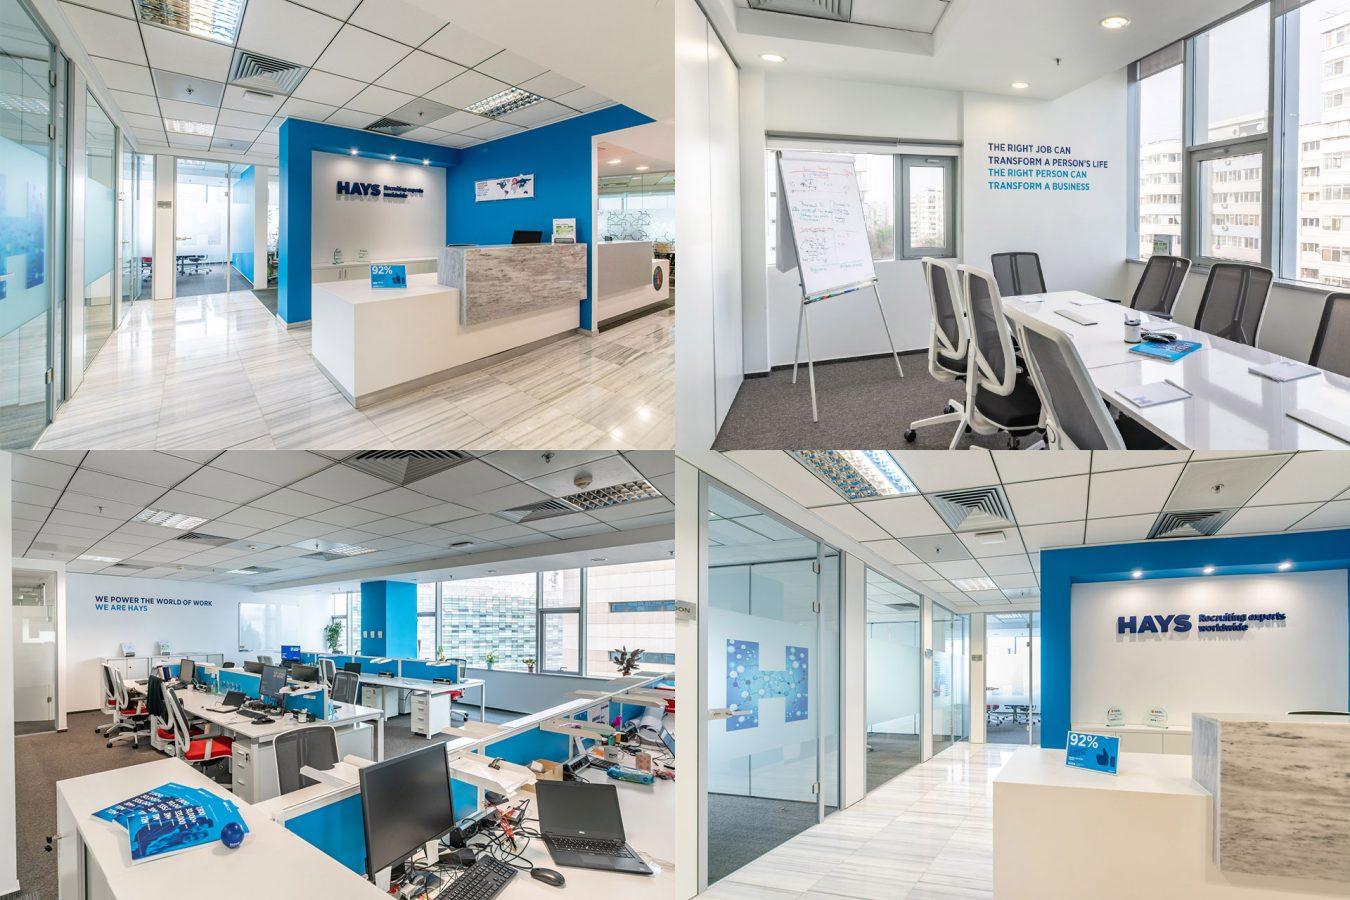 Fotografie office corporate